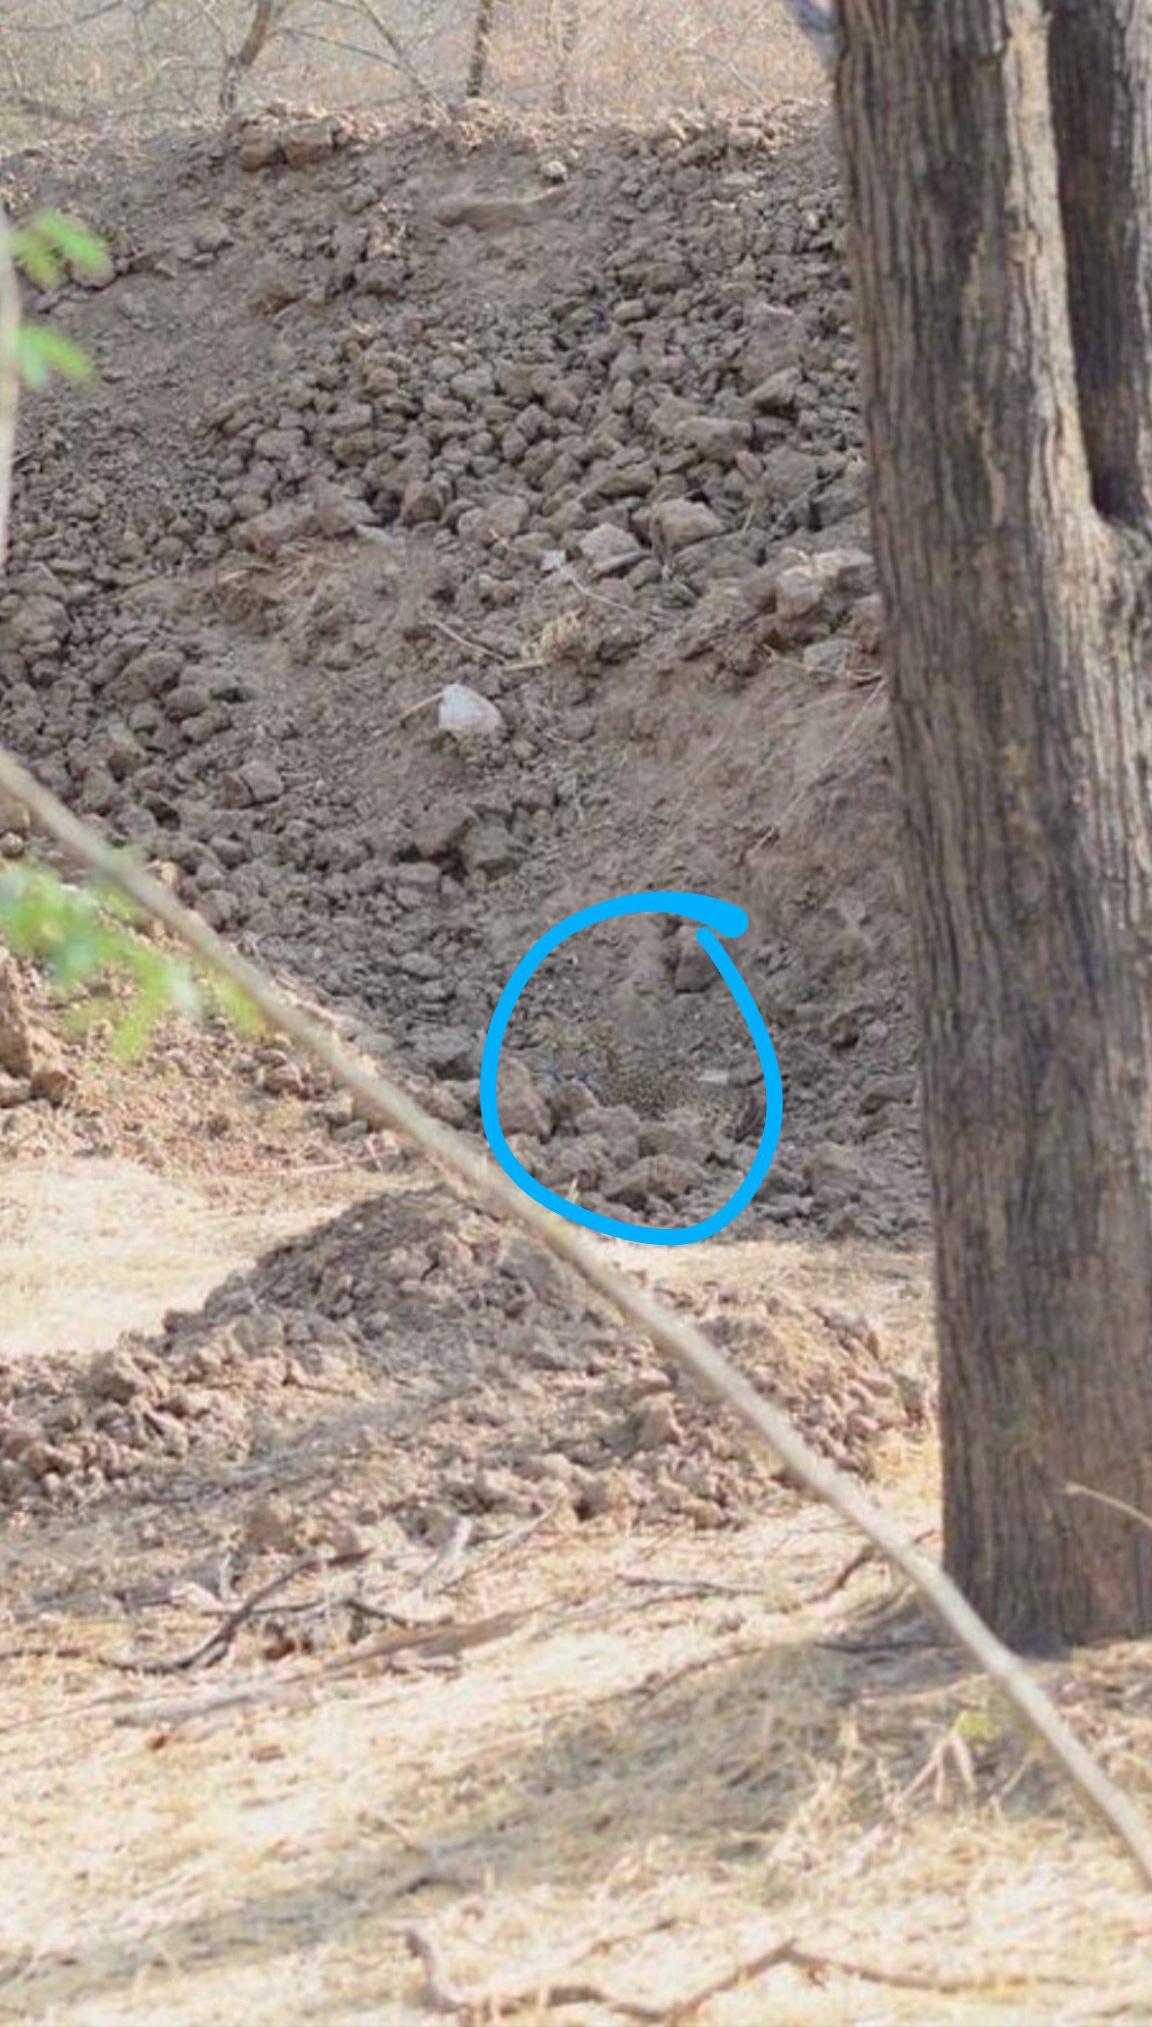 Les gens peuvent voir le léopard instantanément ou pas du tout dans cette image